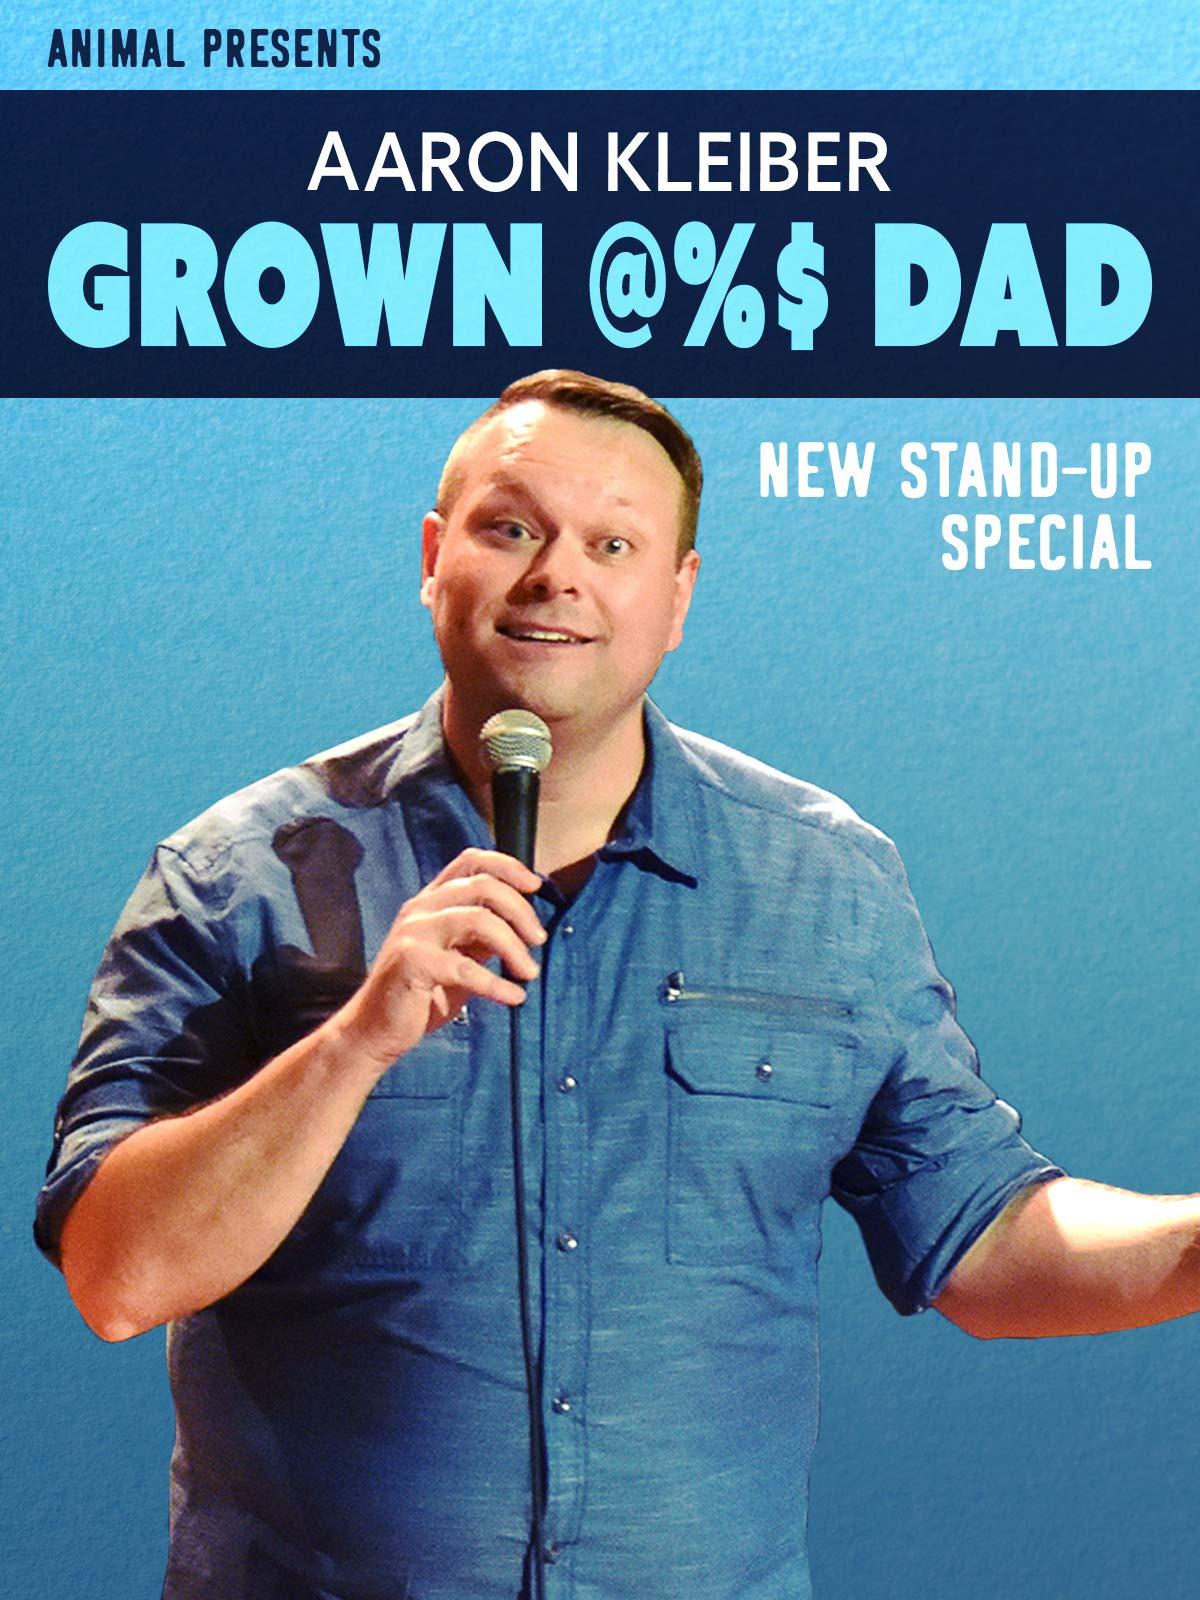 Aaron Kleiber: Grown @%$ Dad